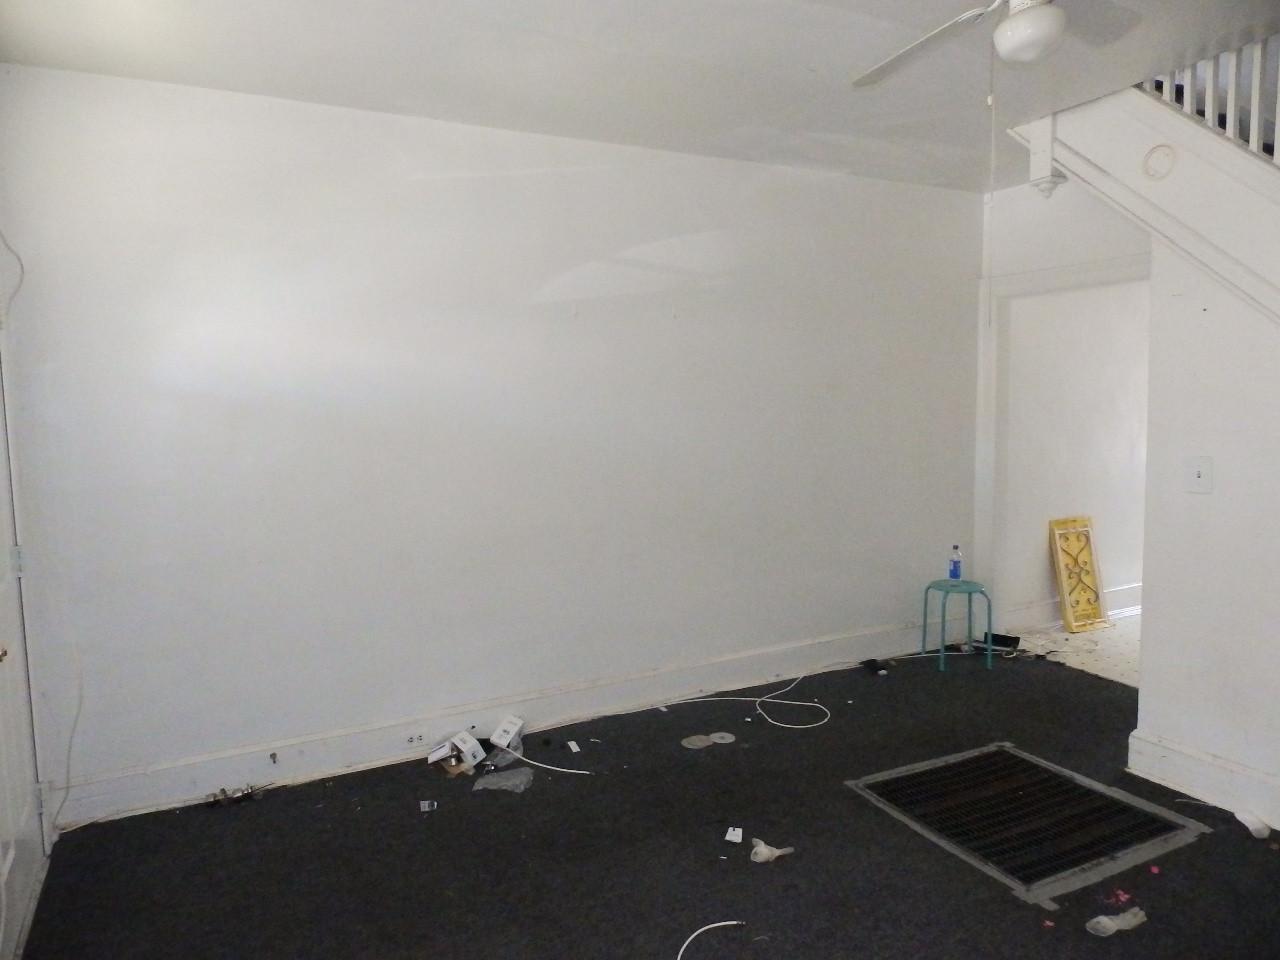 02 - Living Room 3.JPG